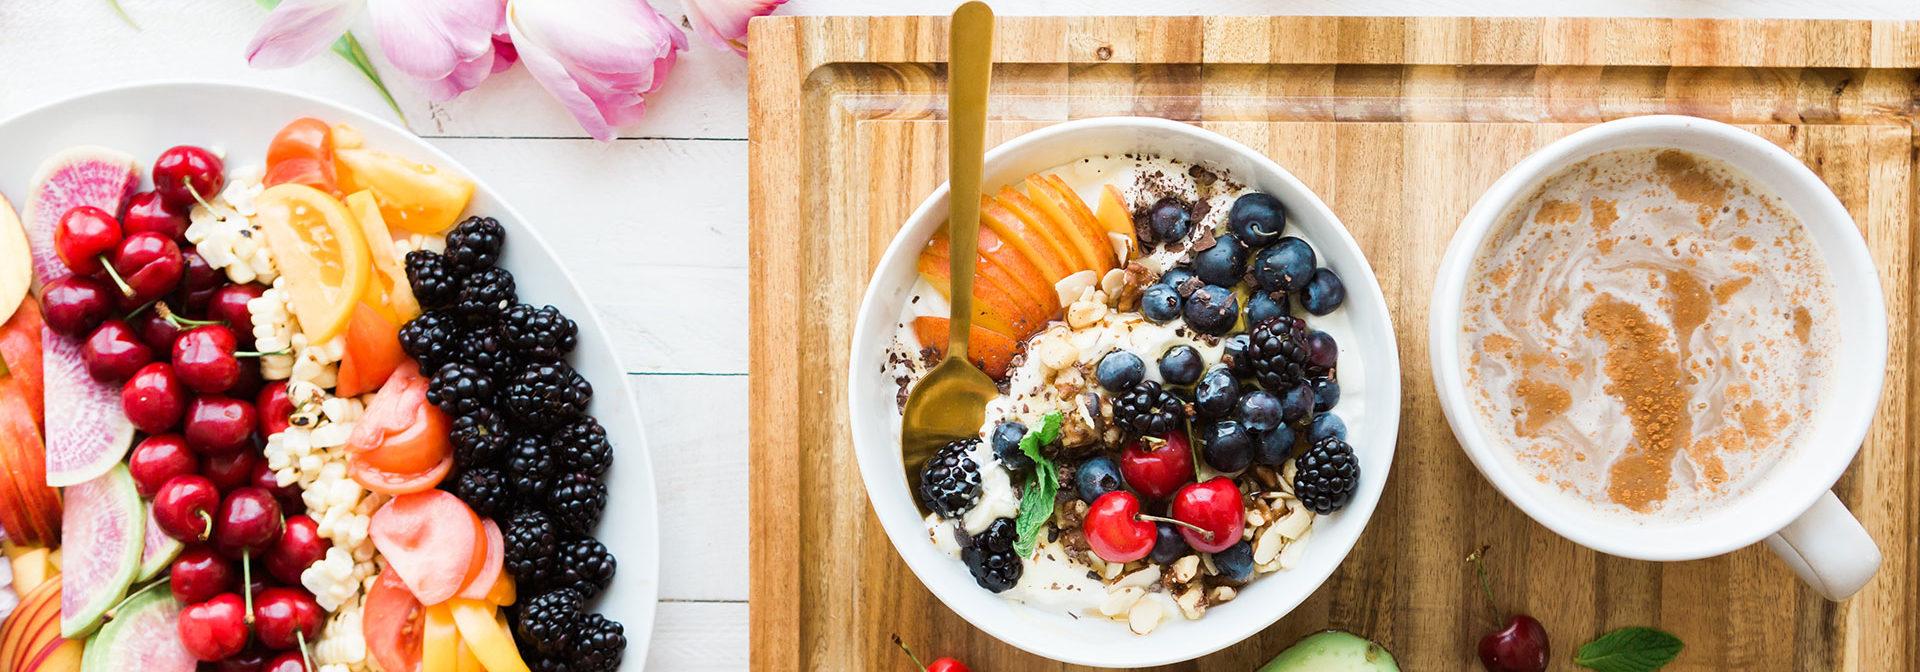 God frukost